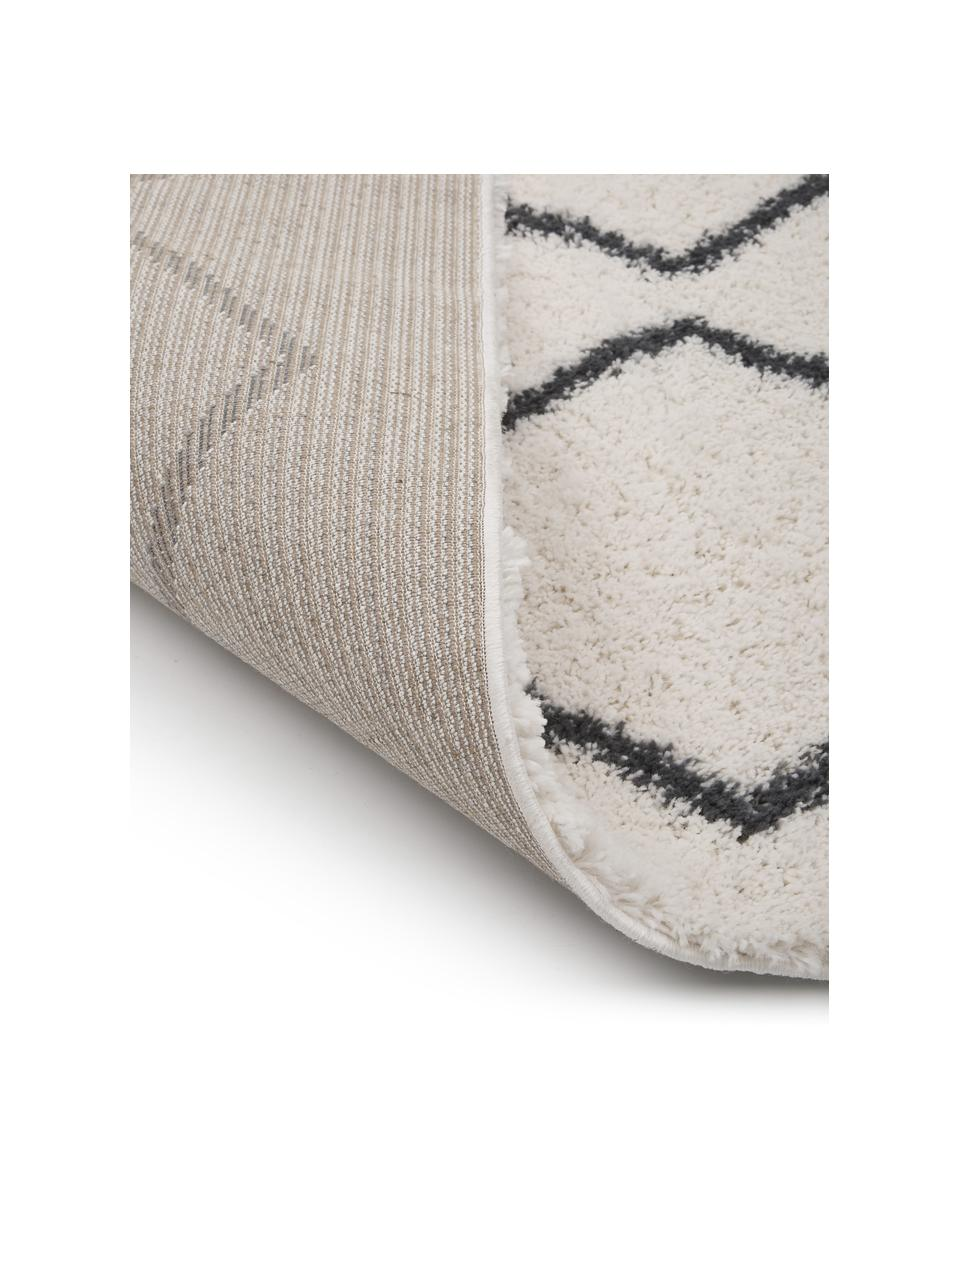 Tappeto a pelo lungo bianco crema/grigio scuro Velma, Retro: 78% juta, 14% cotone, 8% , Bianco crema, grigio scuro, Larg. 300 x Lung. 400 cm (taglia XL)